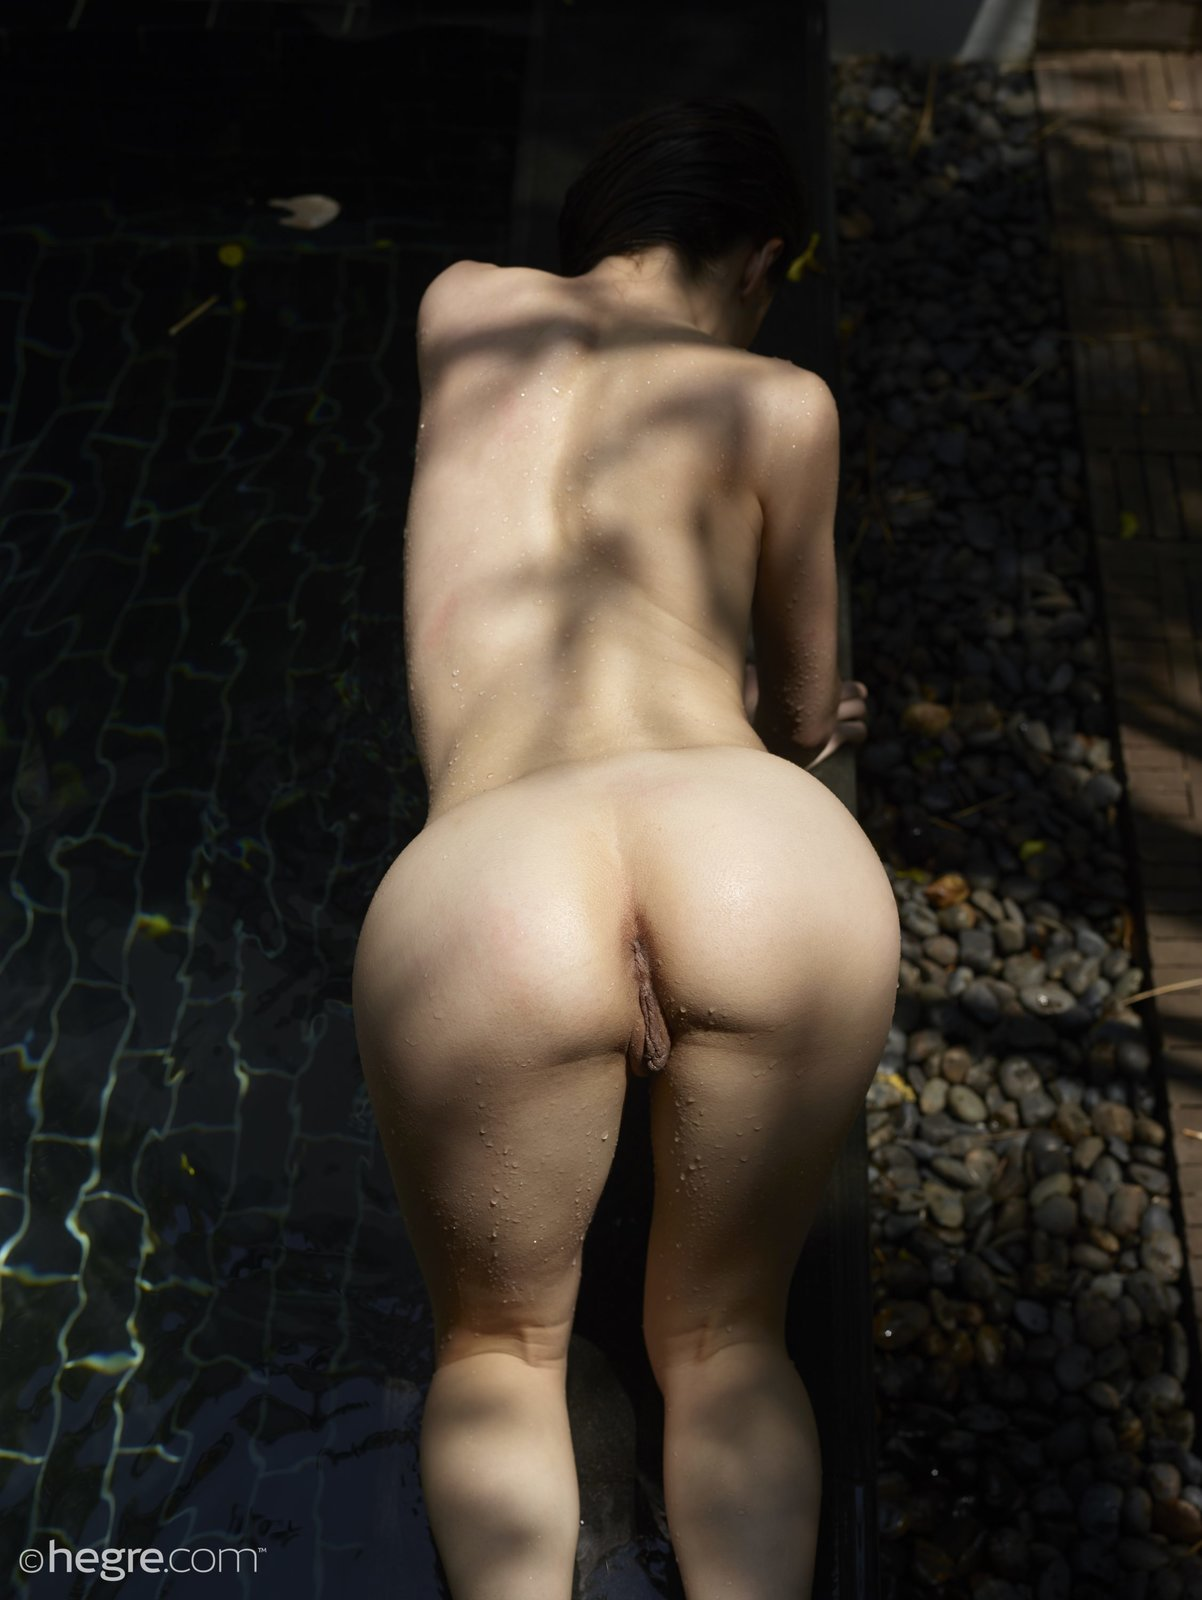 фото крупным планом голых попок